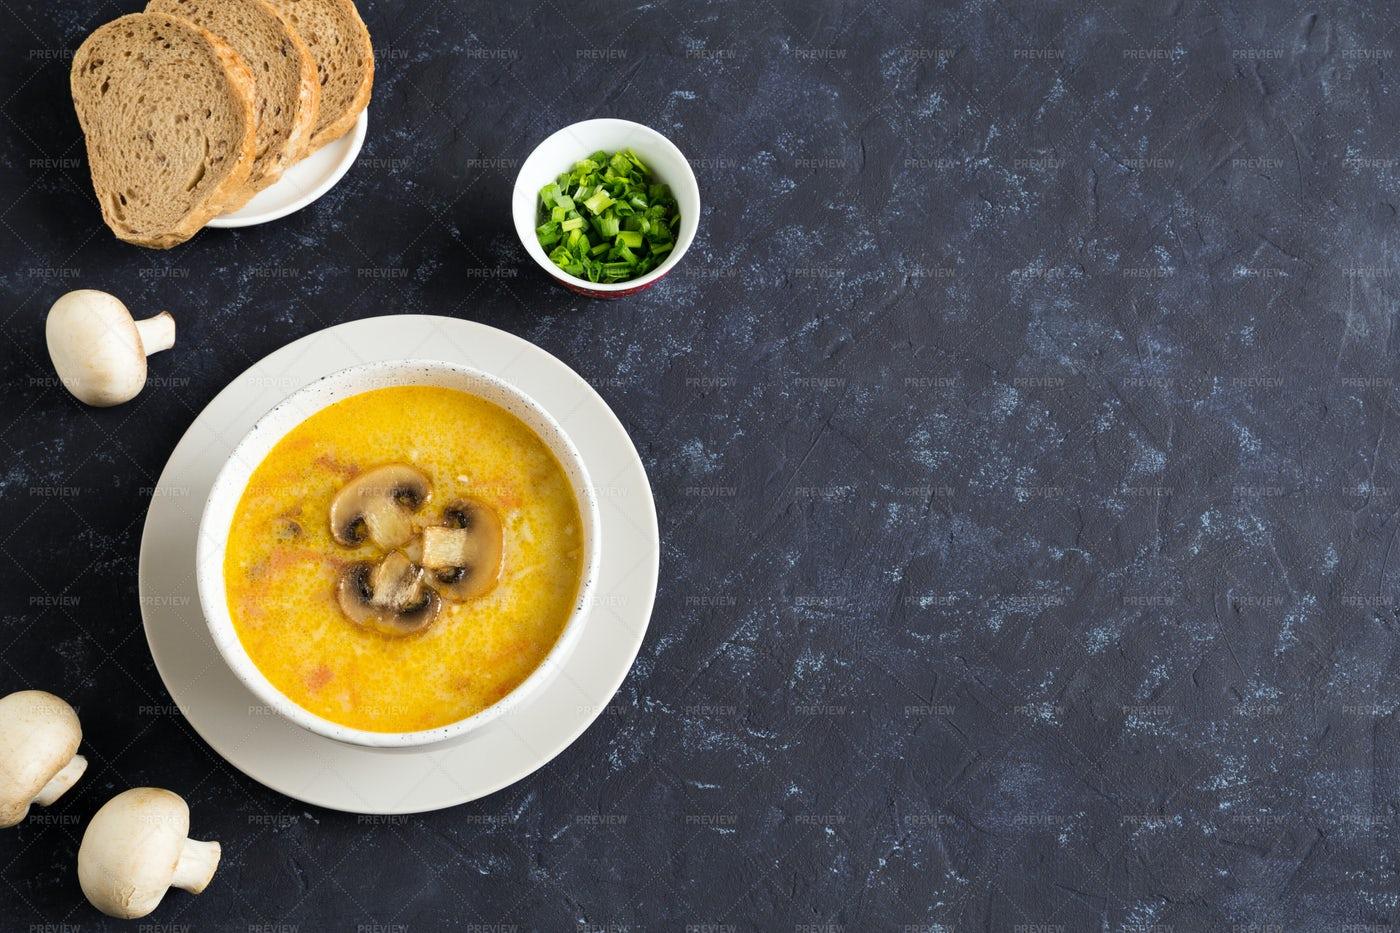 Champignon Soup In Bowl: Stock Photos